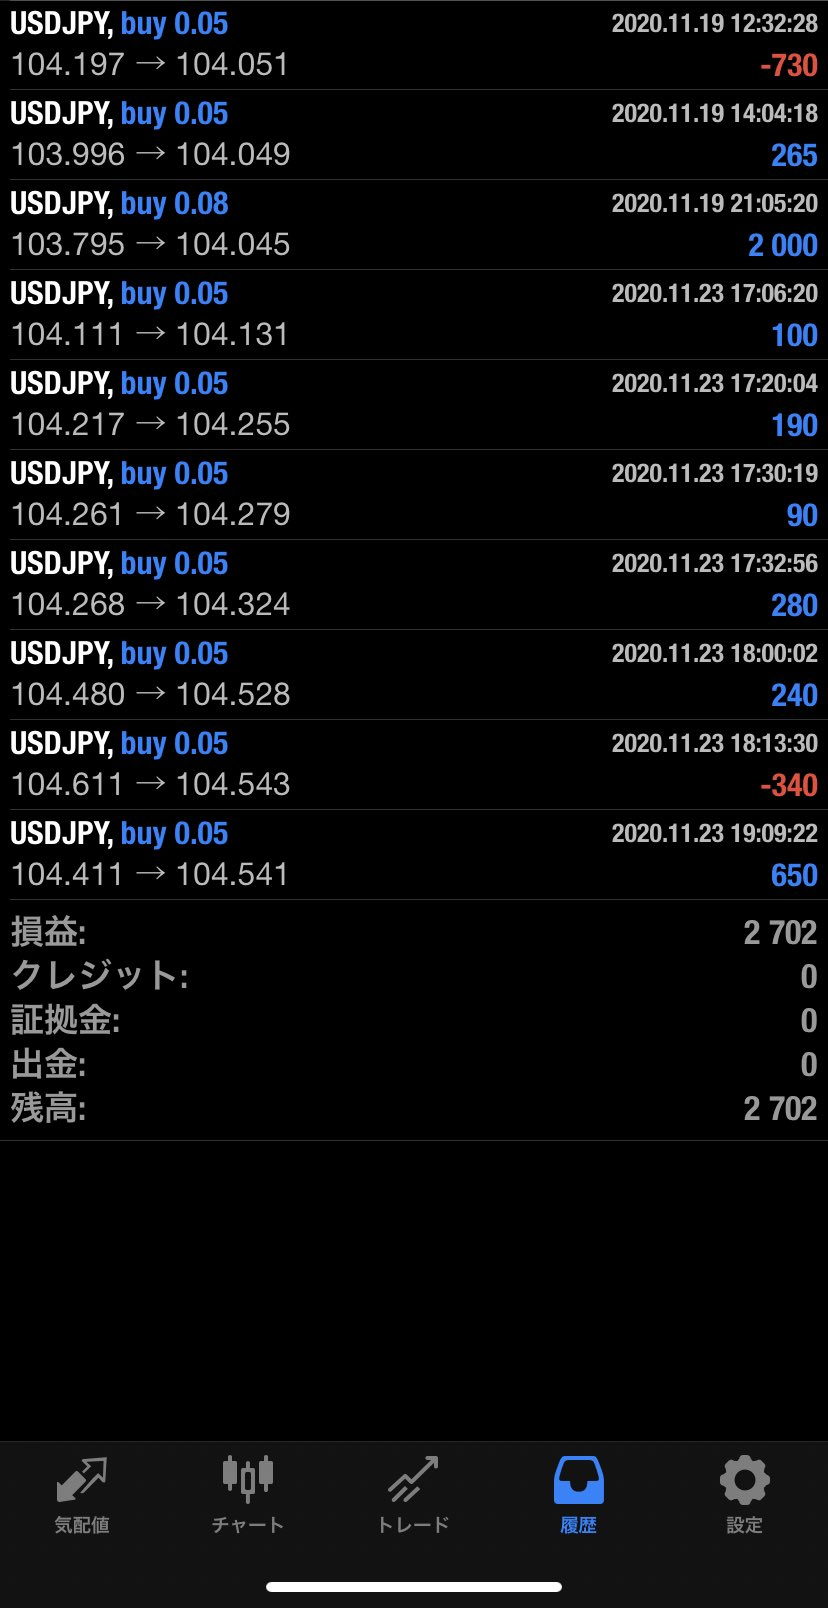 2020年11月23日 USD/JPYバージョン2,702円